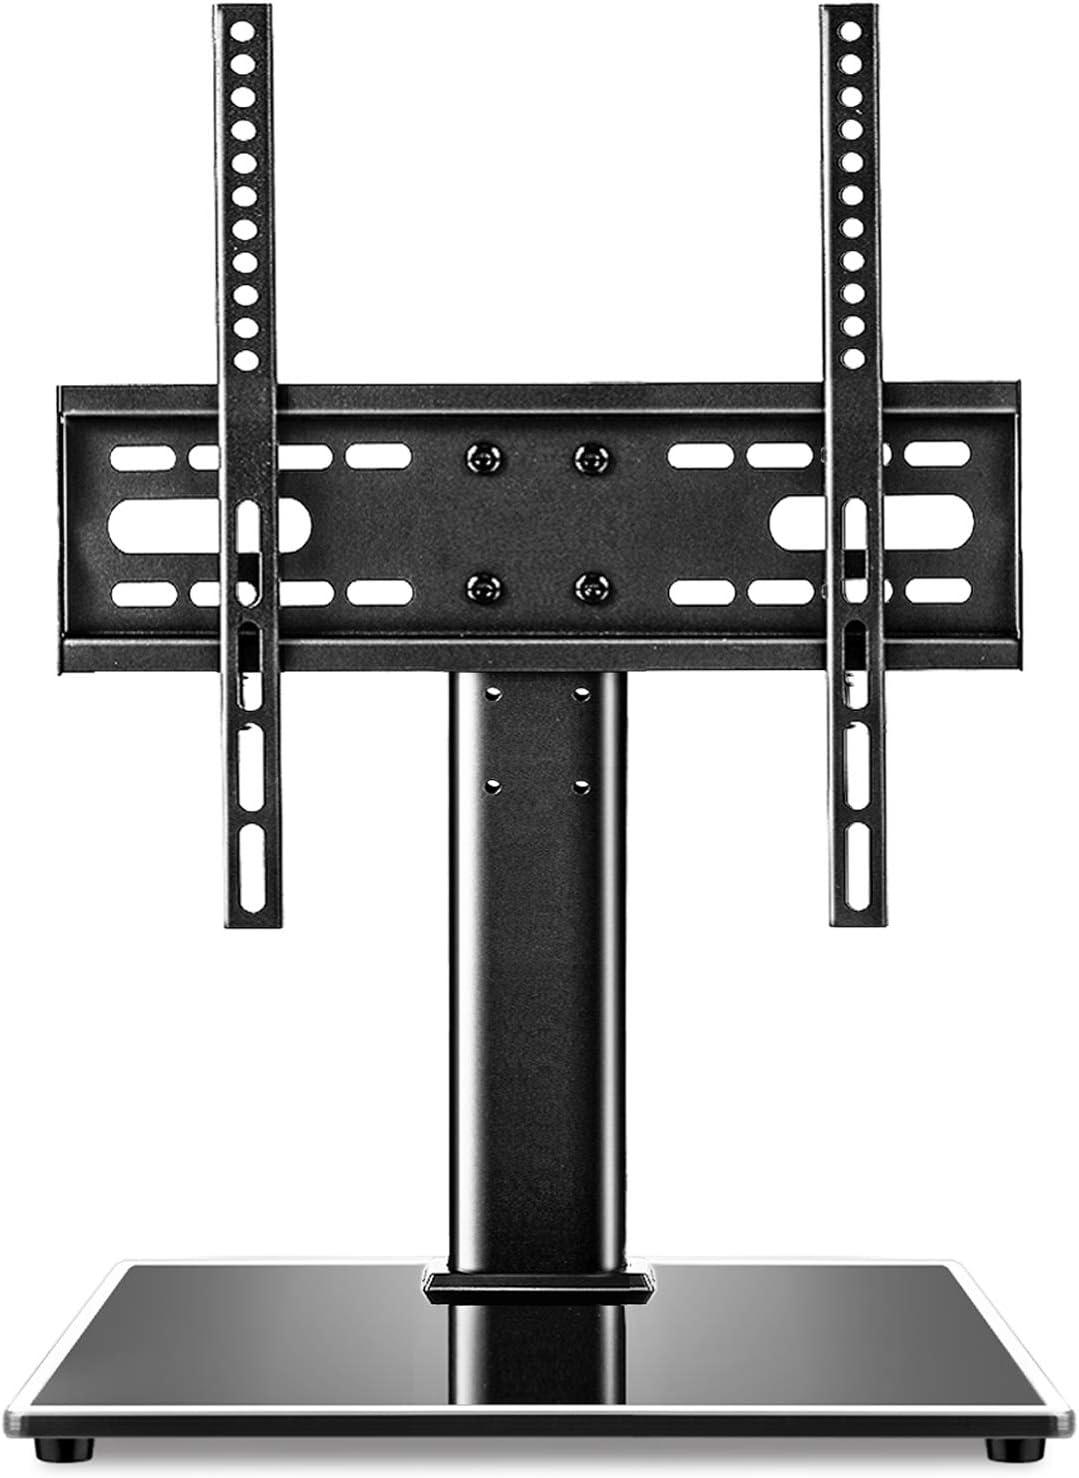 RFIVER Soporte Pie TV Universal de Mesa Peanas para Television de 27 a 55 Pulgadas con Altura Ajustable UT4001: Amazon.es: Electrónica